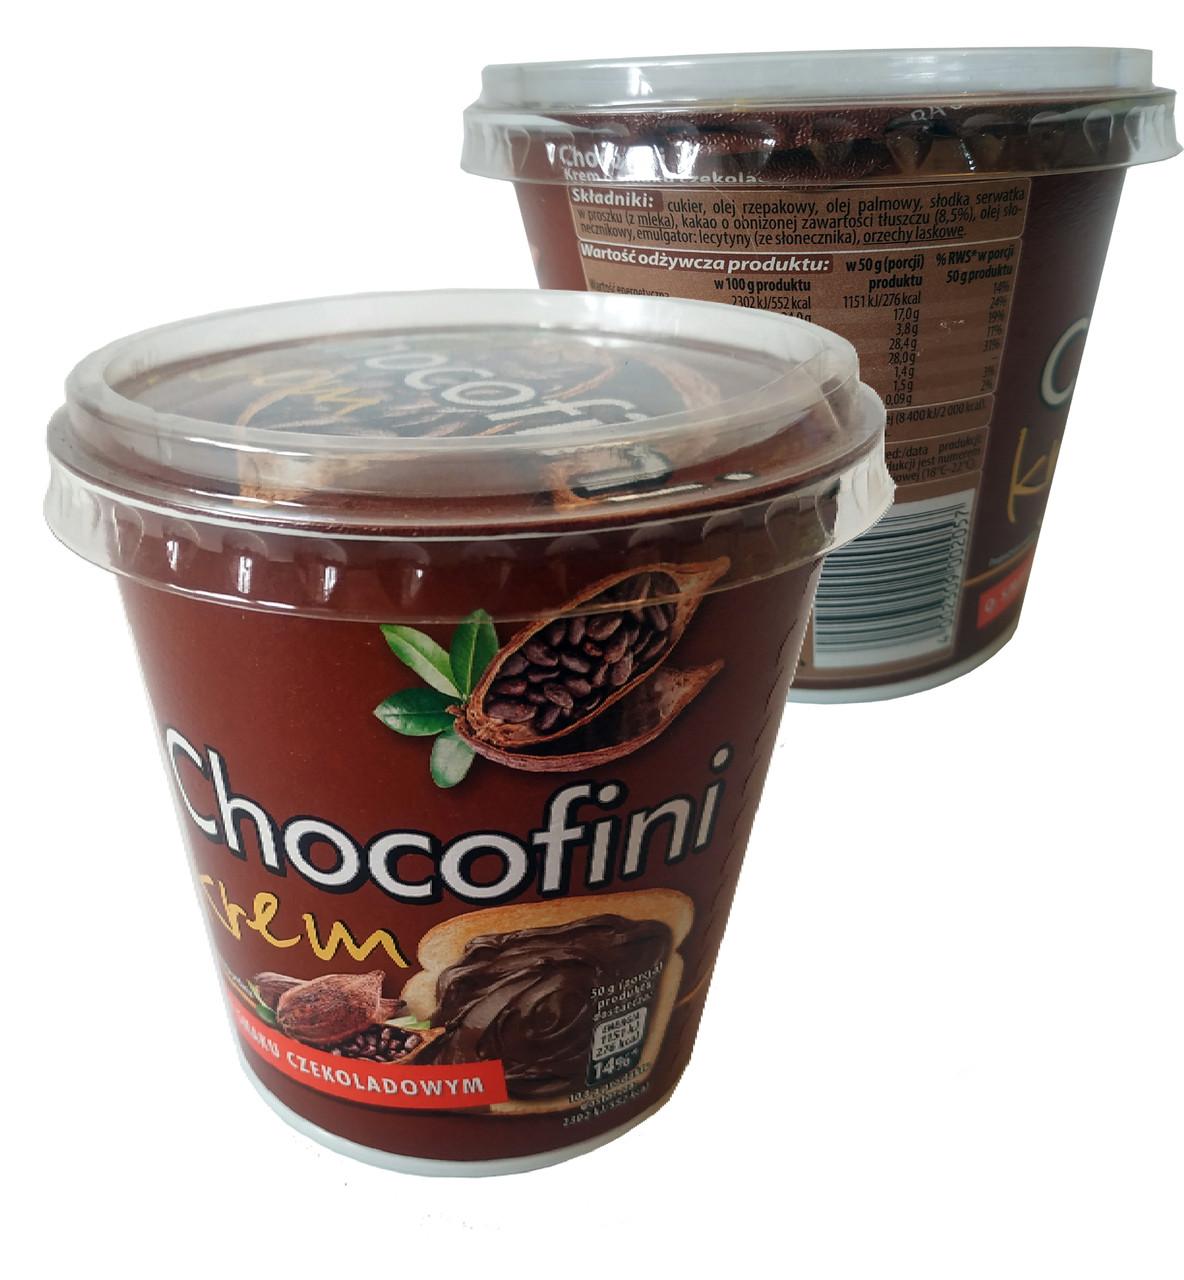 Паста Chocofini Krem kakao с особенно шоколадным вкусом 400 г